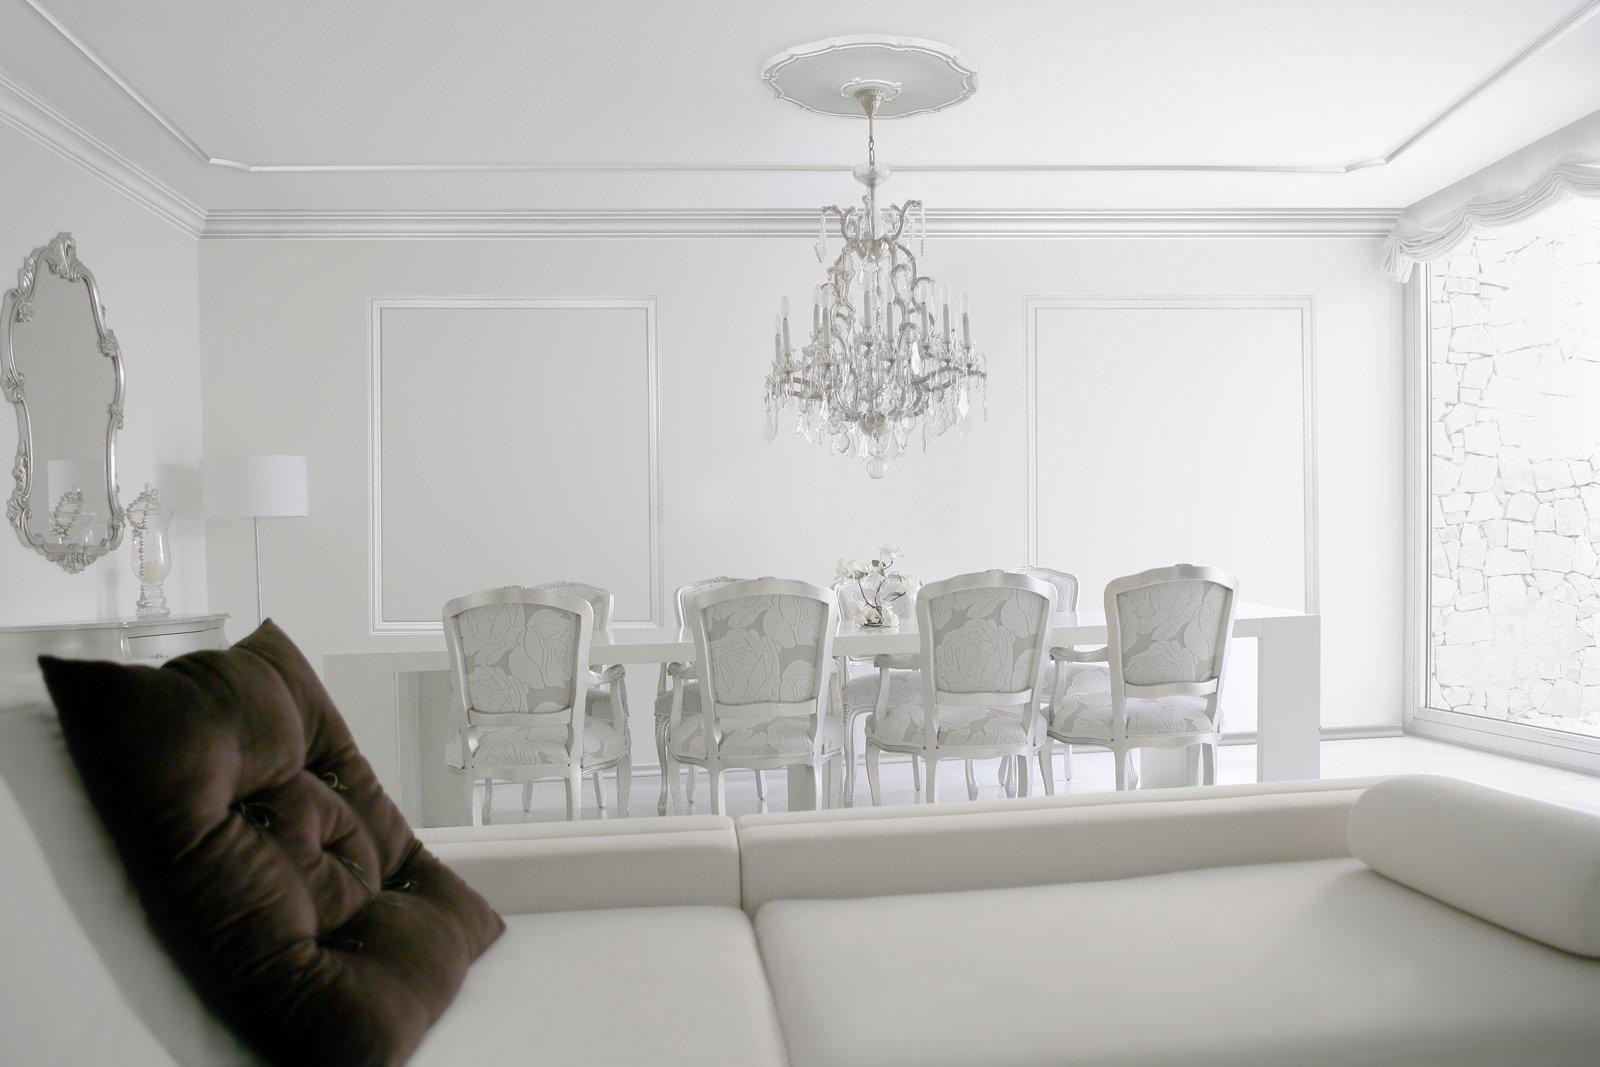 Cornici effetto gesso per rinnovare la parete cose di casa - Cornici da parete per foto ...